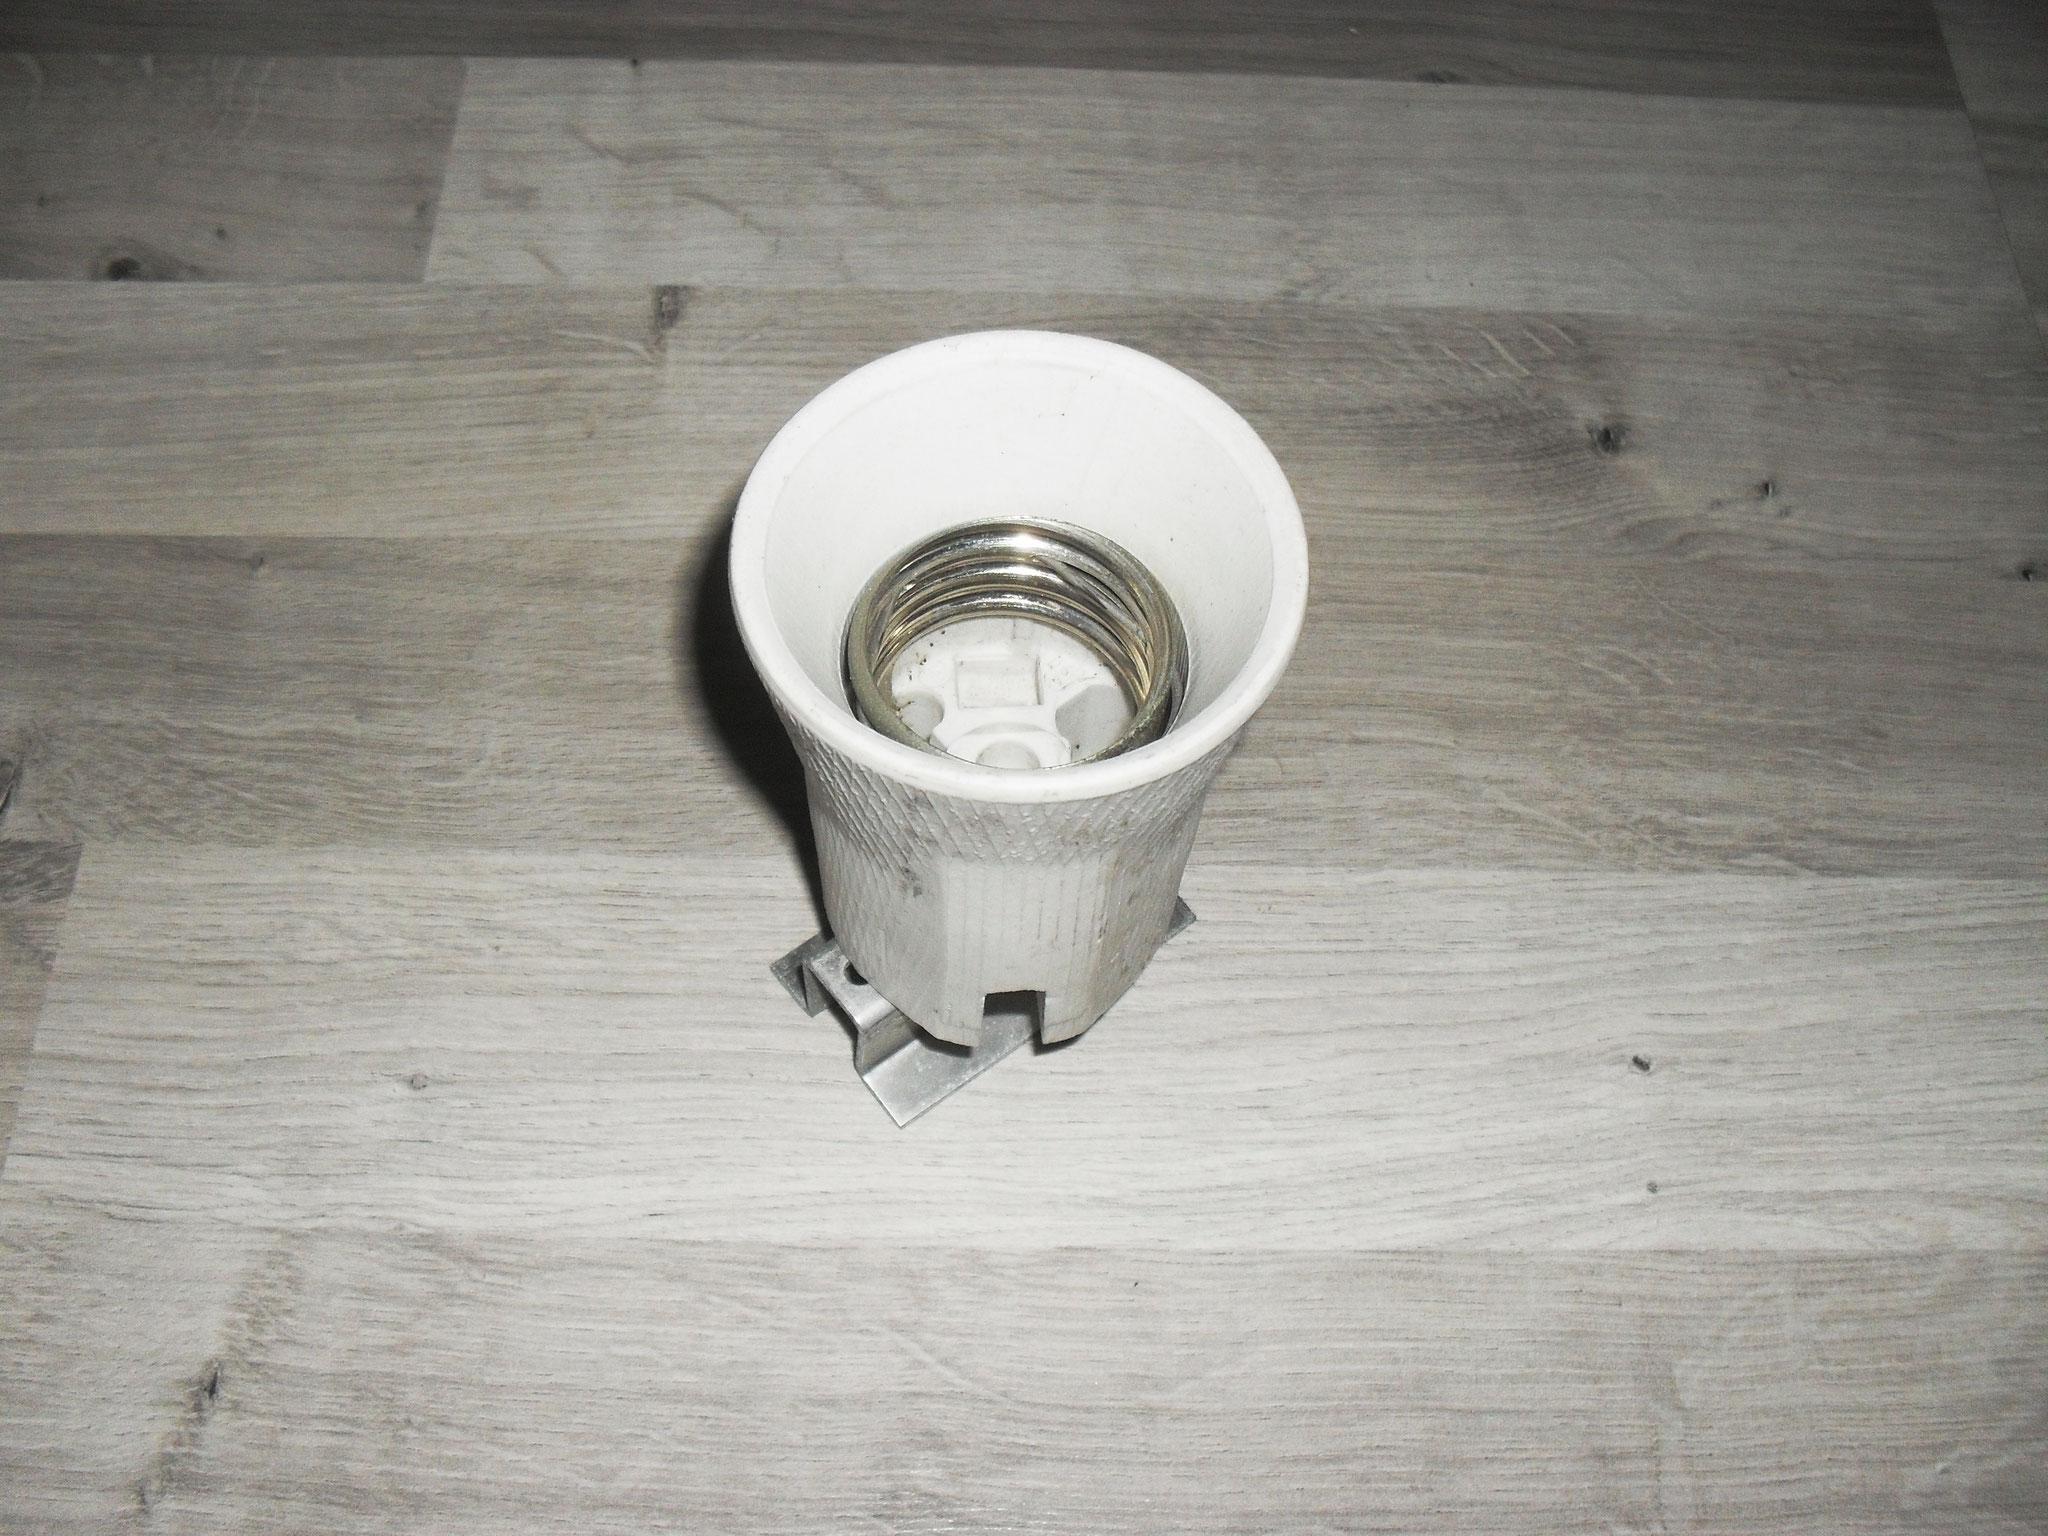 Le culot en porcelaine de Schreder Z-3